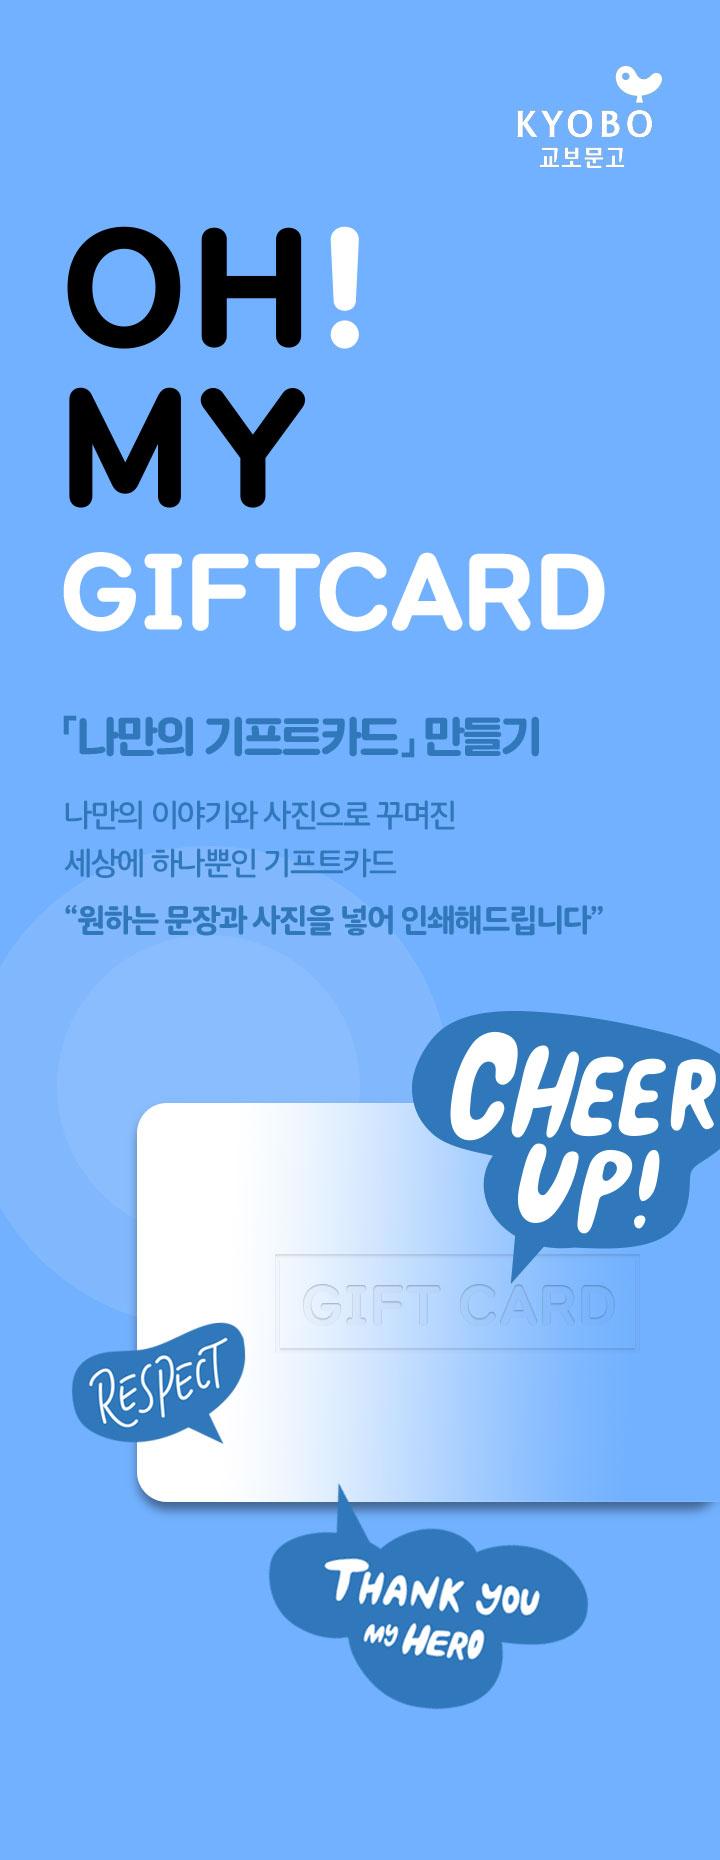 OH! MY GIFTCARD/ 나만의 기프트카드 만들기/ 나만의 이야기와 사진으로 꾸며진 세상에서 하나뿐인 기프트카드